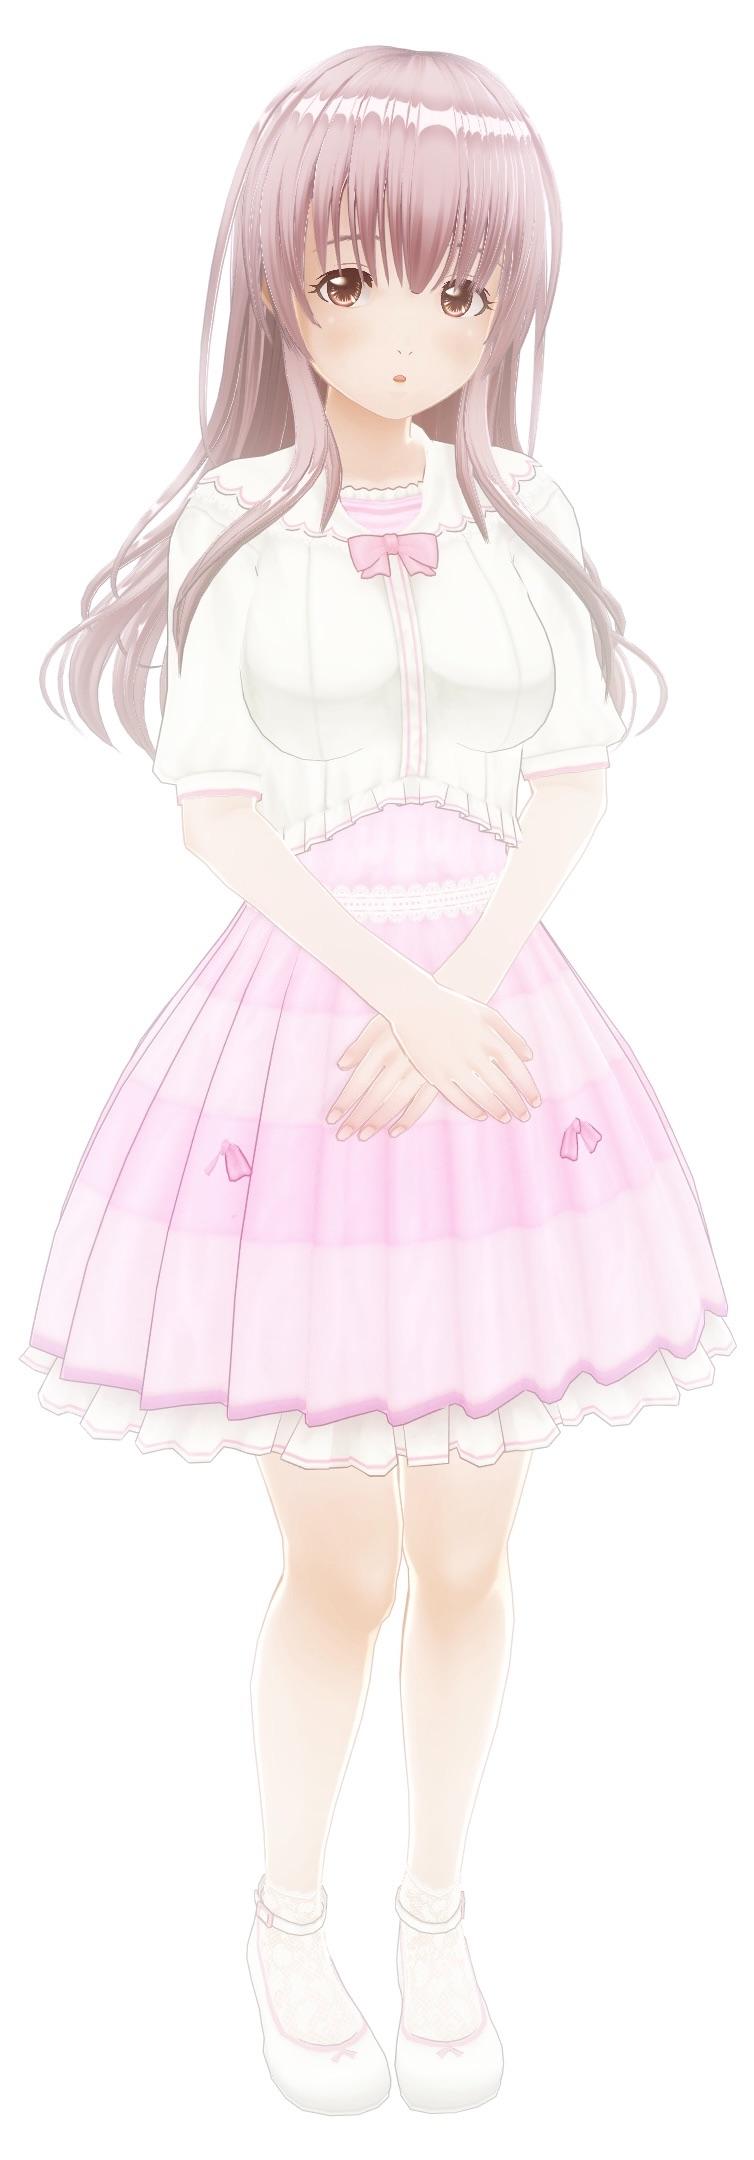 f:id:nichinichisou0808:20210705202936j:image